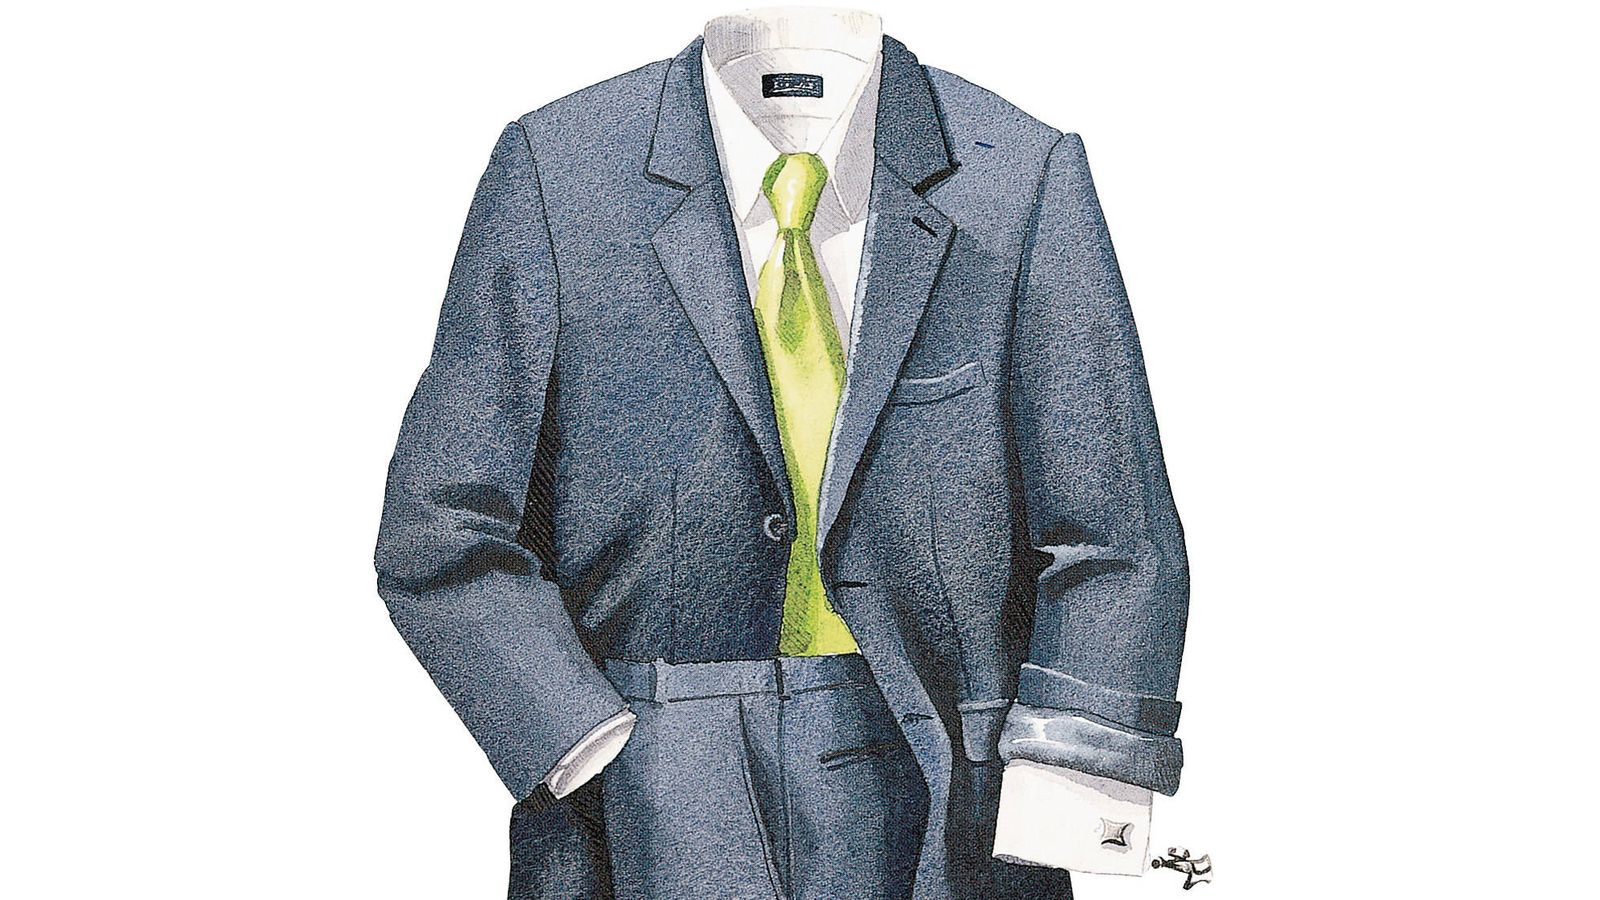 Del Las Hombre De Cómo Moda Reglas Yale Hombre Debe Un Club Vestir wAZFnR